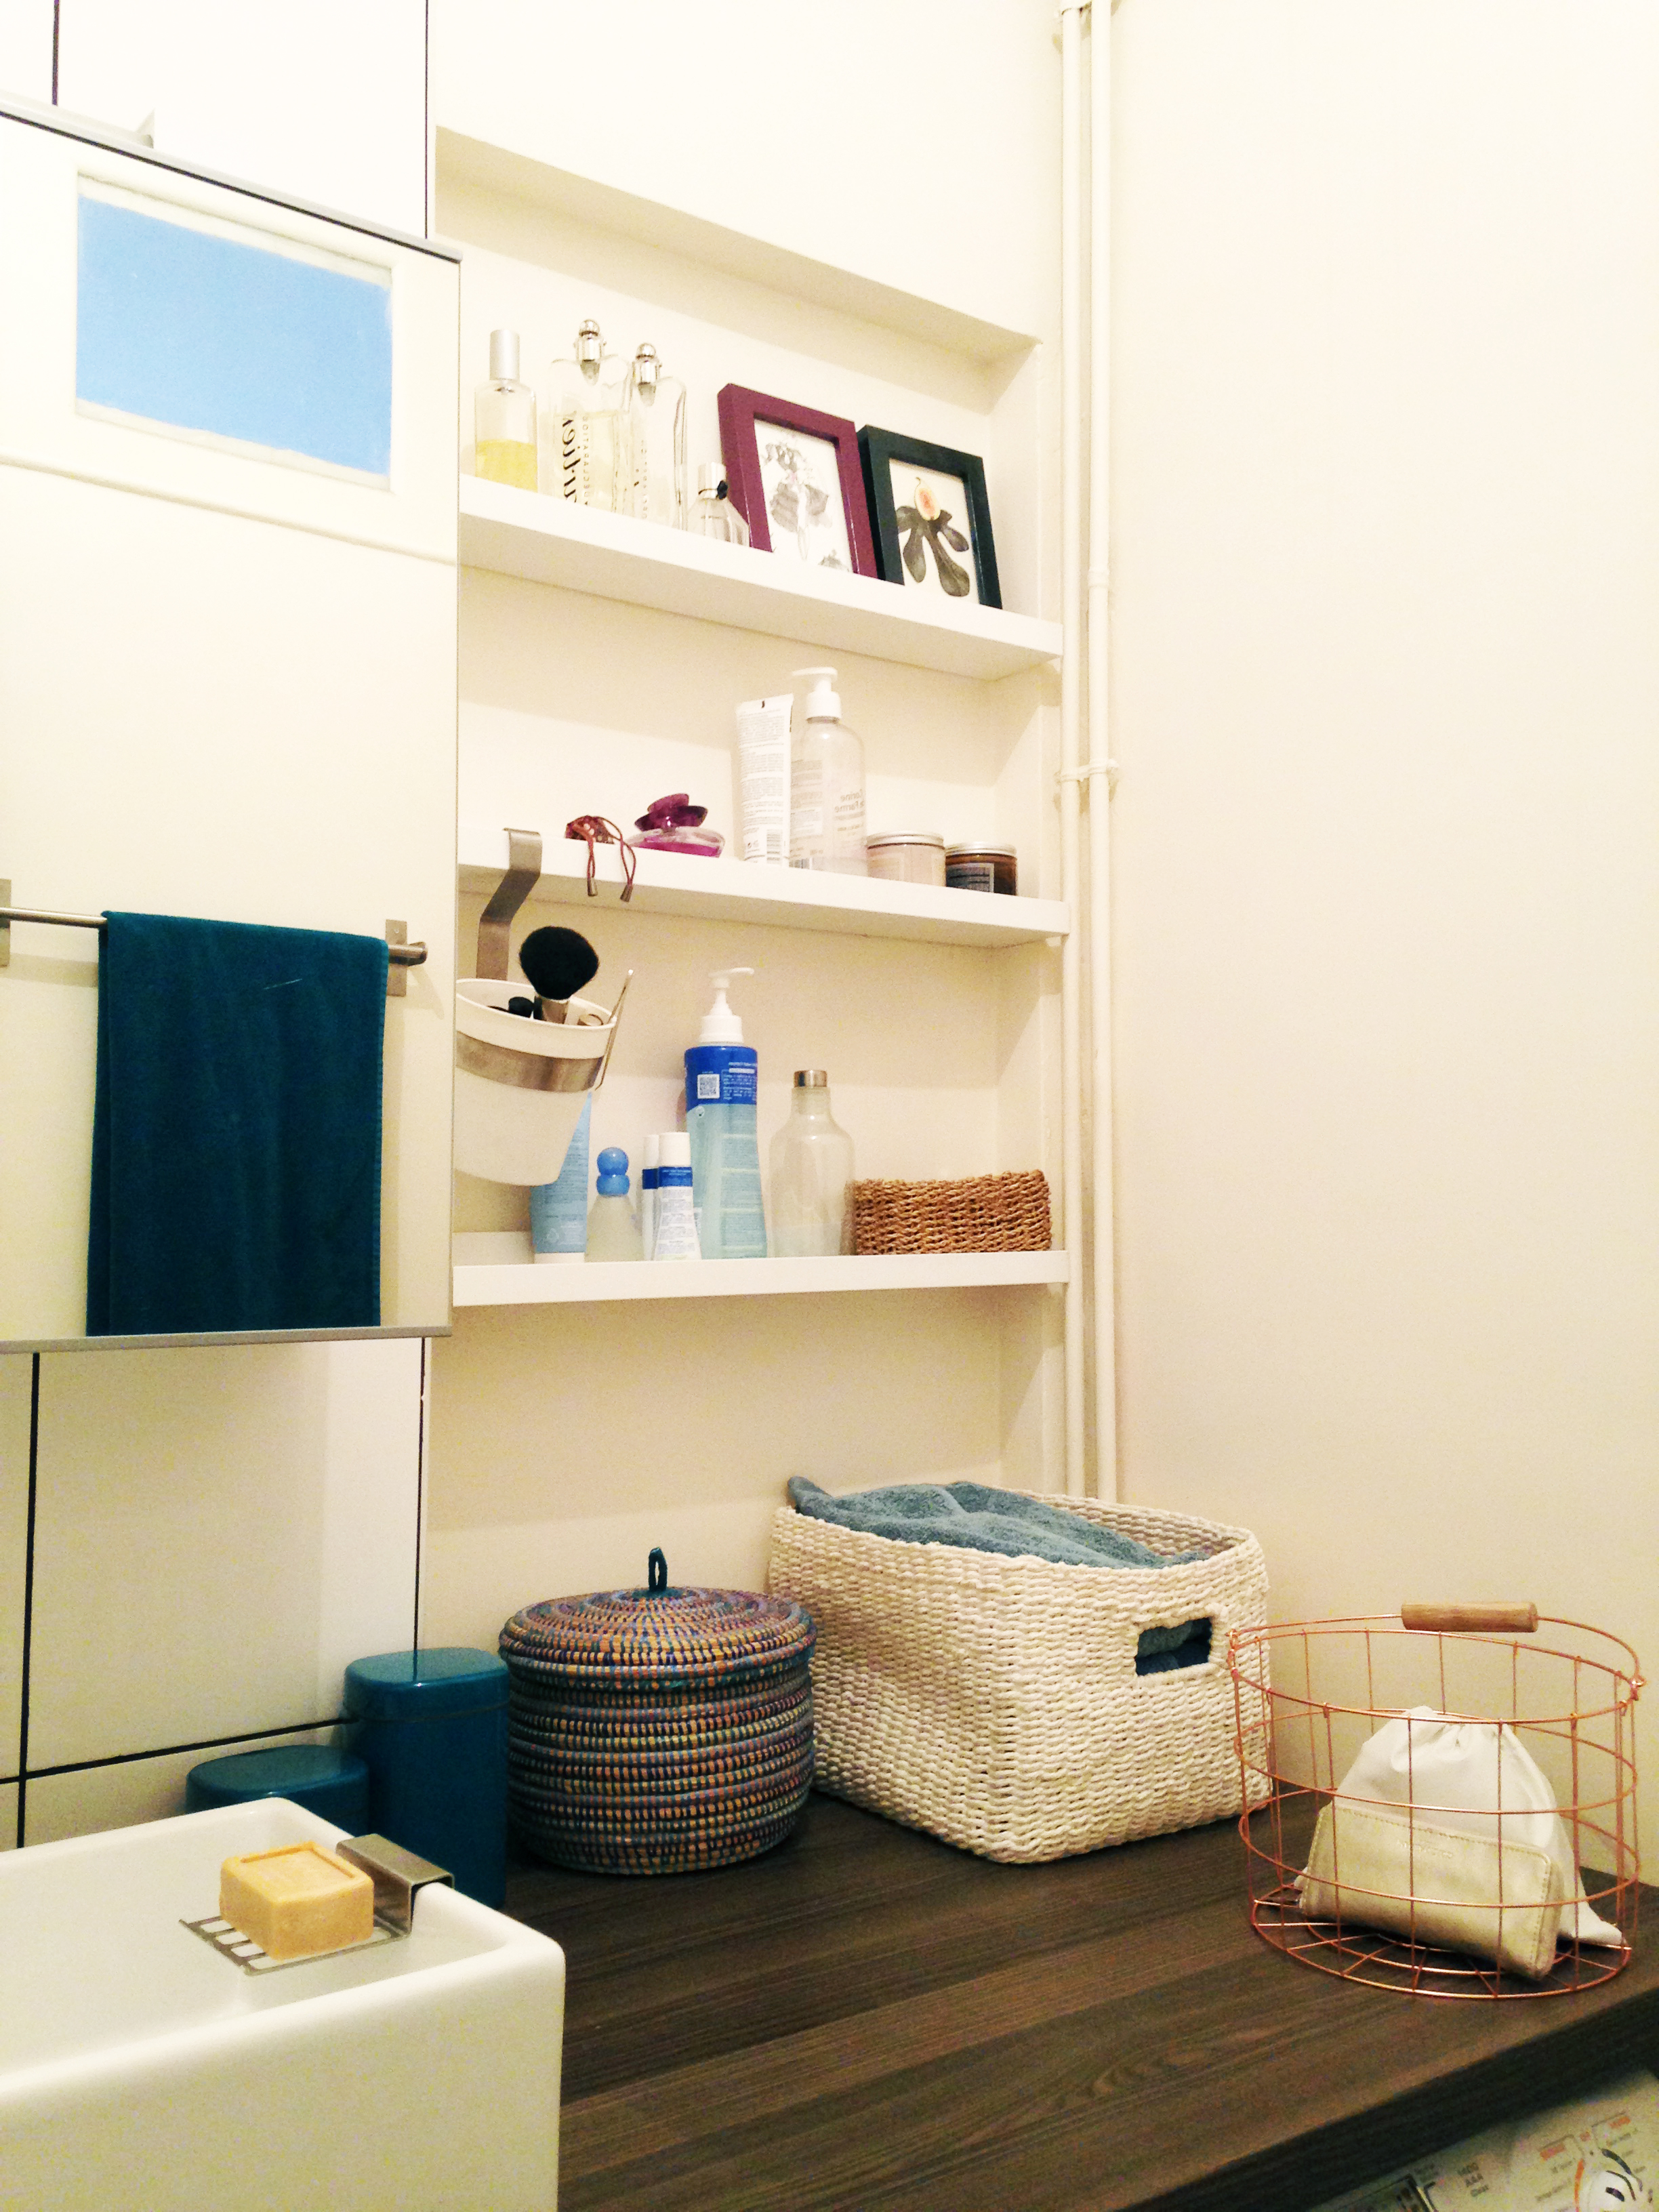 salle de bain optimisée+rangemements